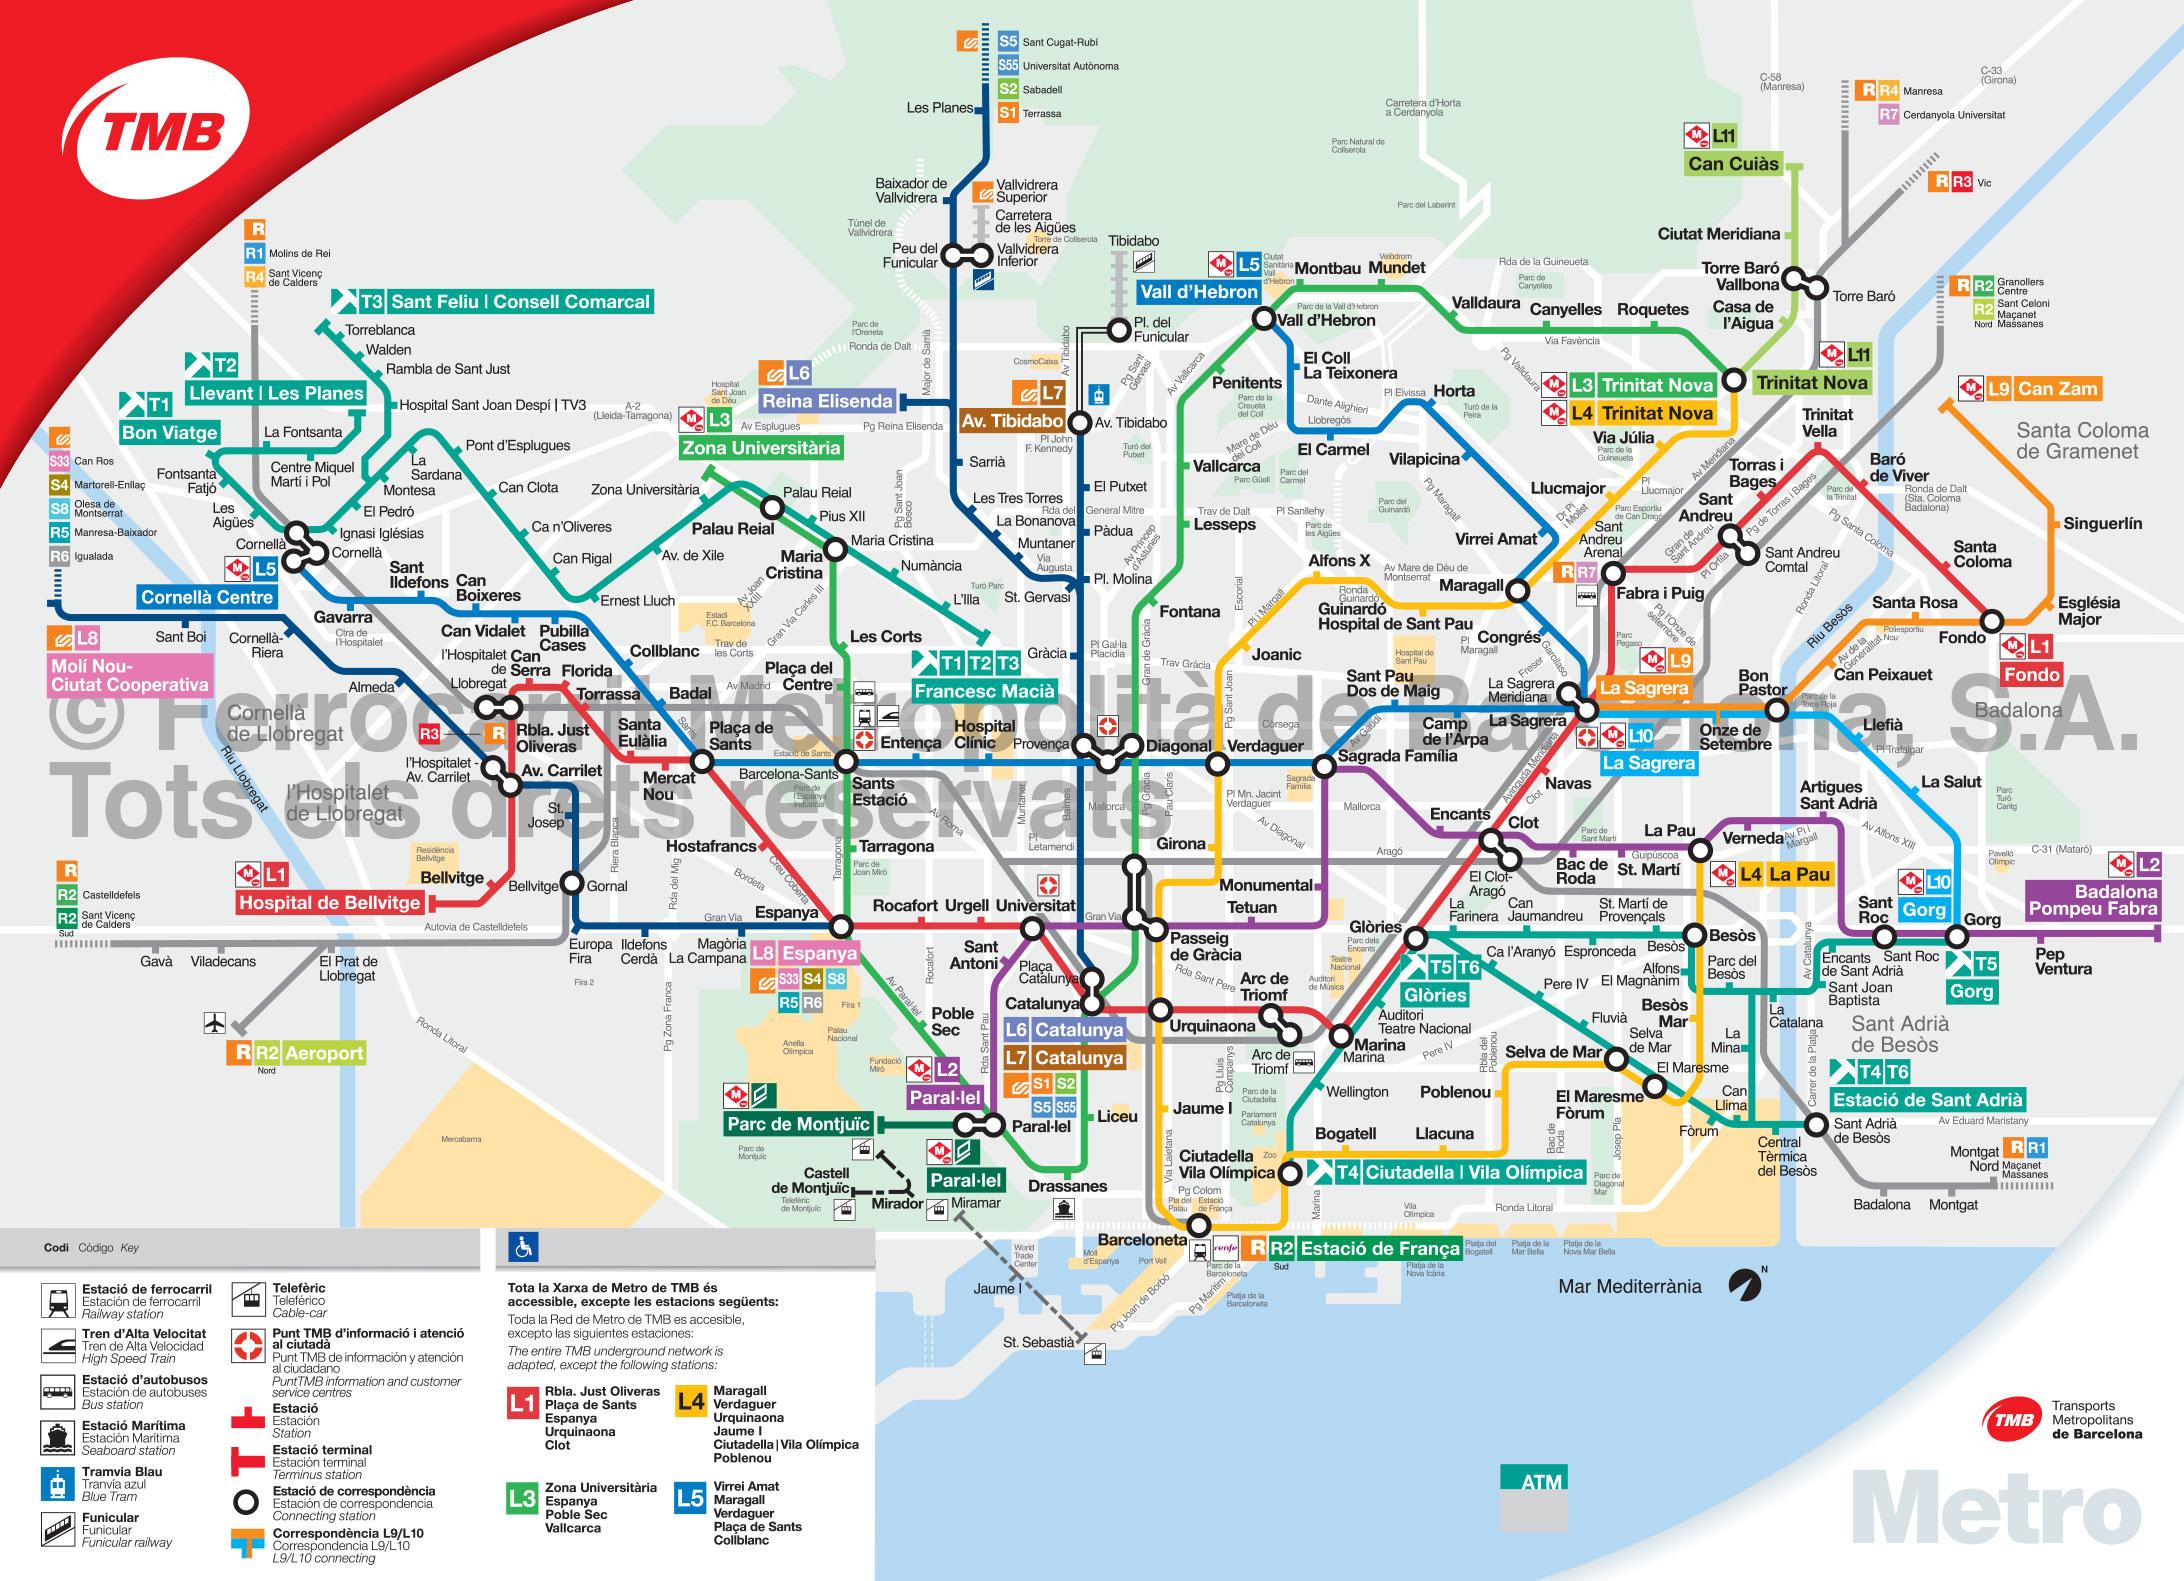 Barcelona Sehenswürdigkeiten Karte.U Bahn Metro Netzplan Und Karte Von Barcelona Stationen Und Linien